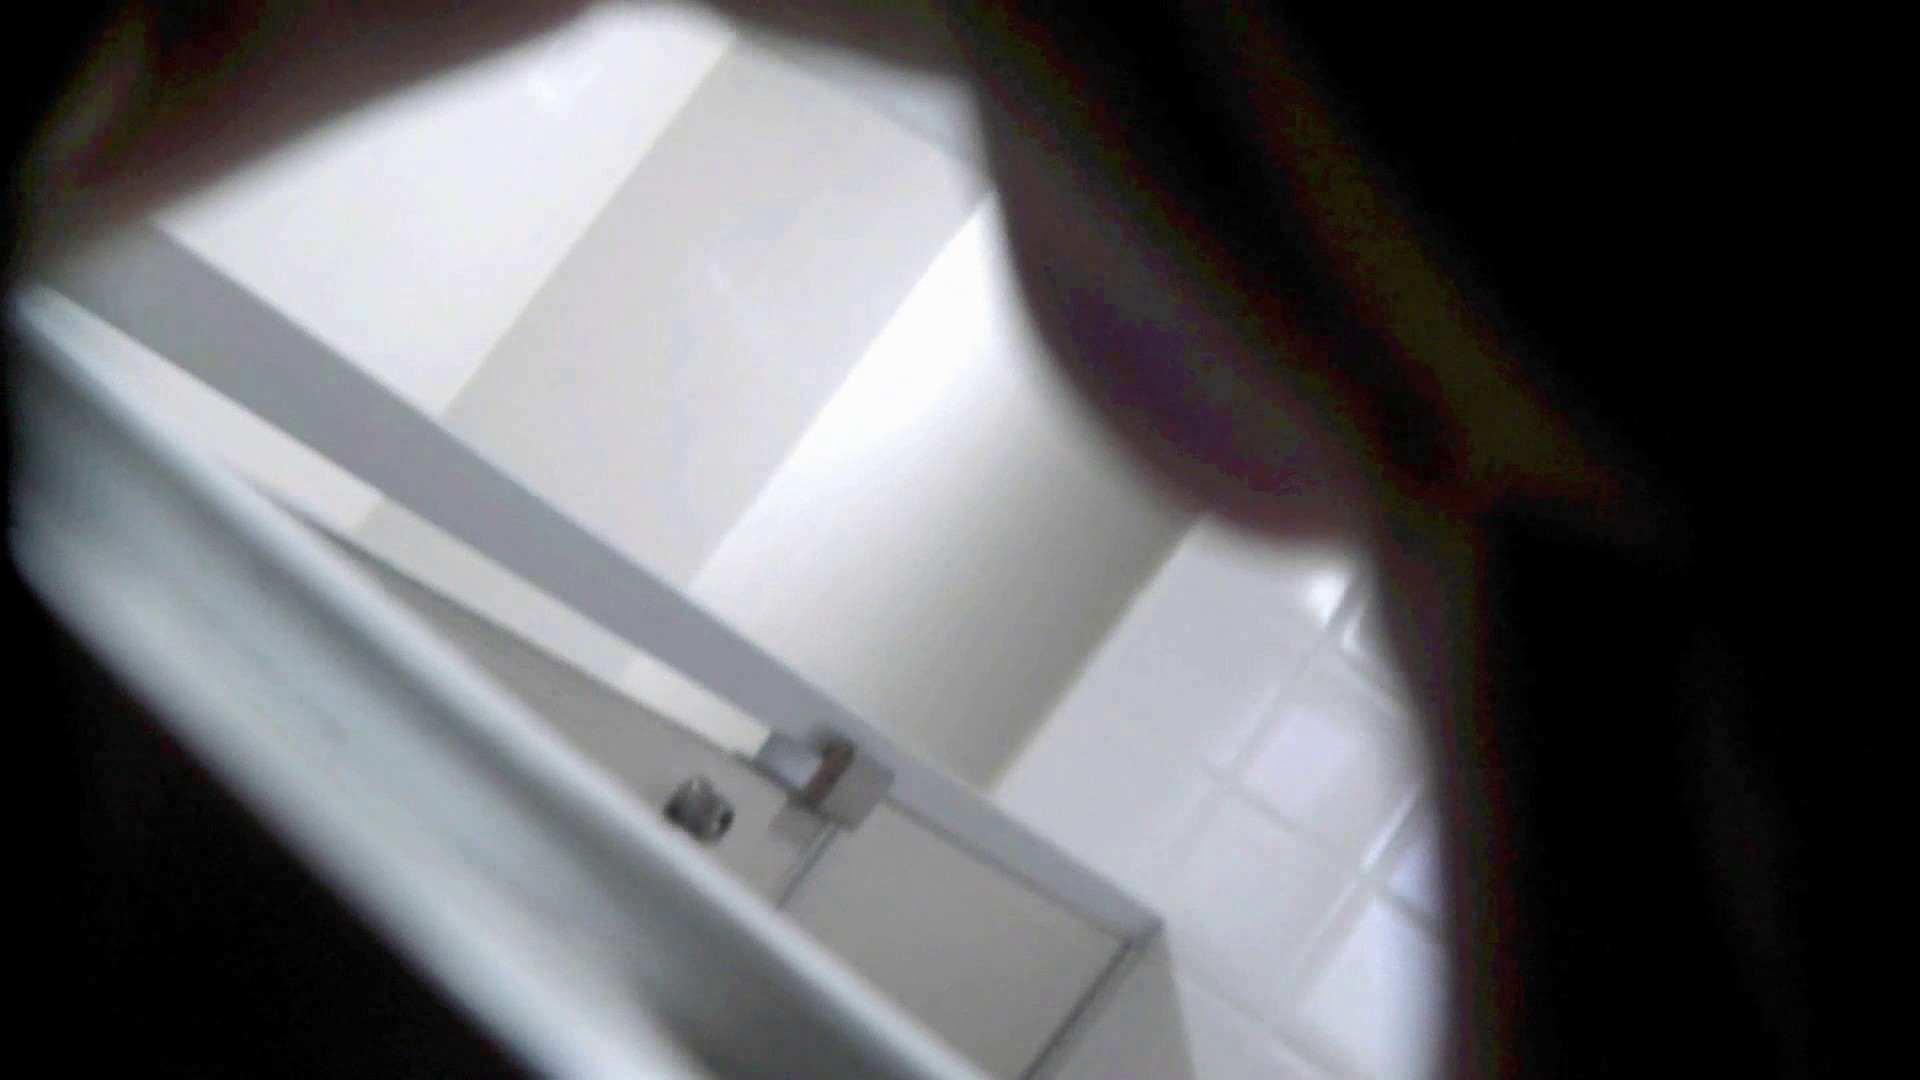 別冊「洗面所突入レポート!!」【閲覧注意!】シート的な物に興味のある方のみ! 洗面所  90PIX 54